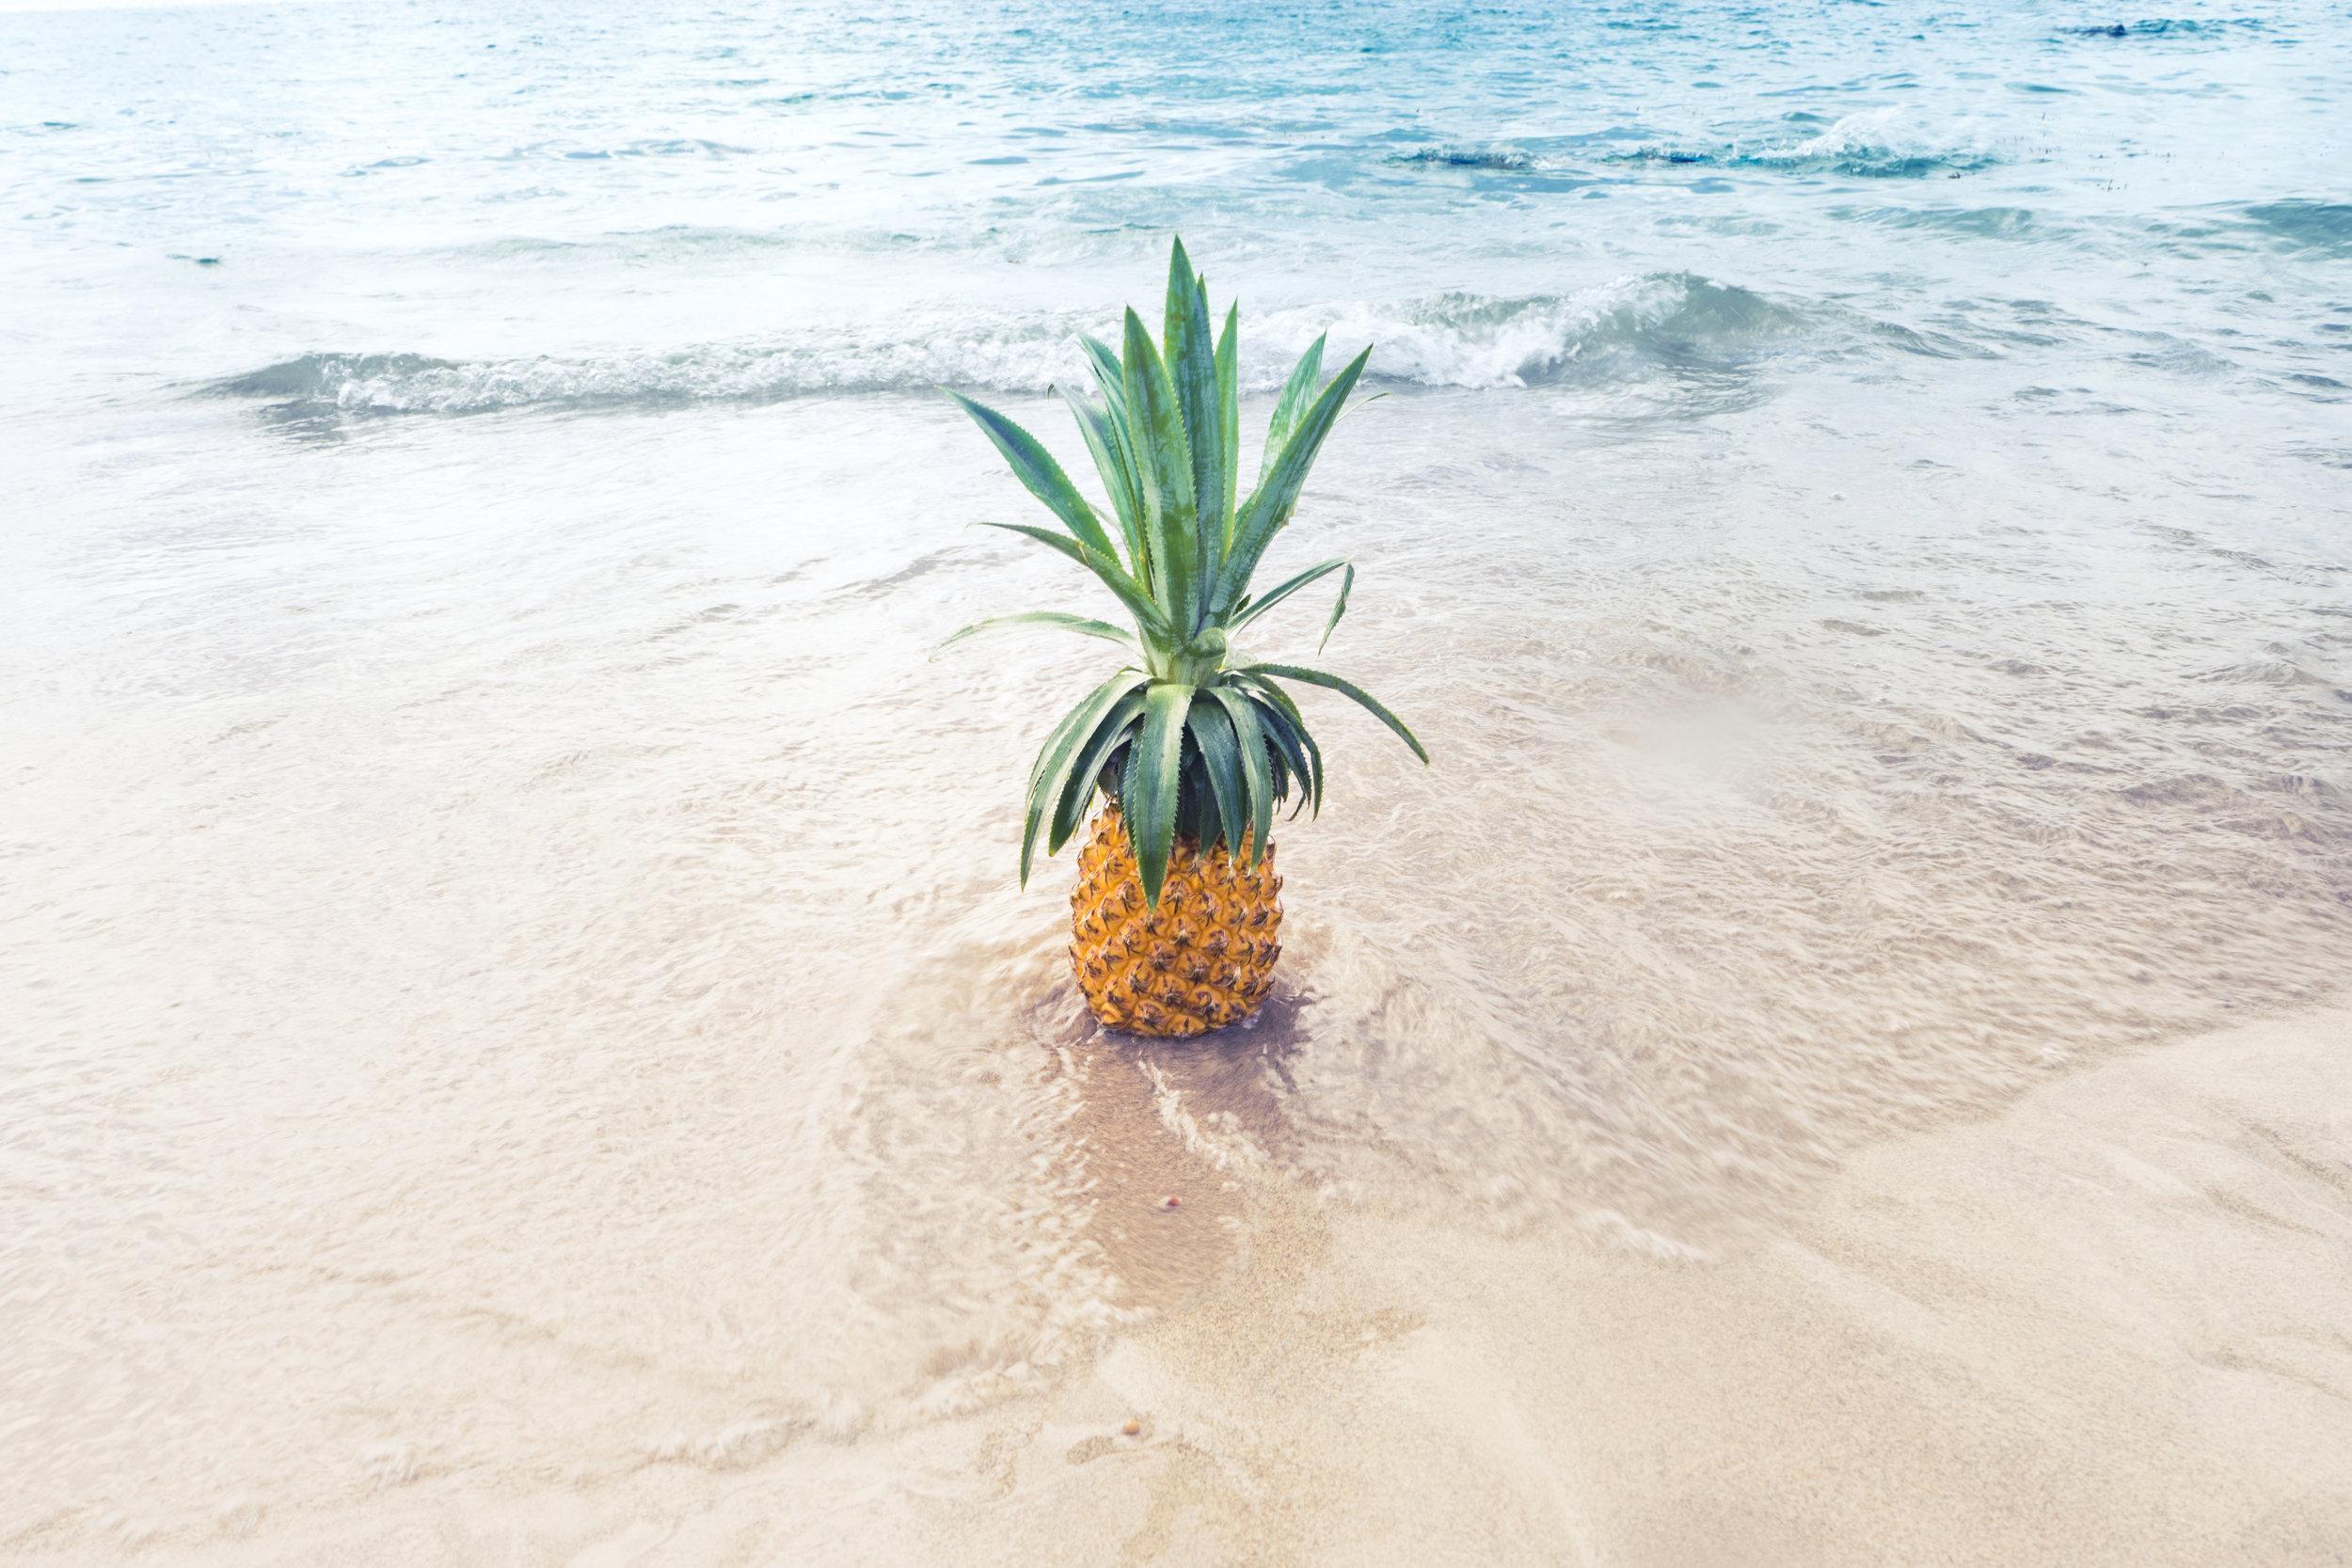 Summer DBT. Better than a beach pineapple.